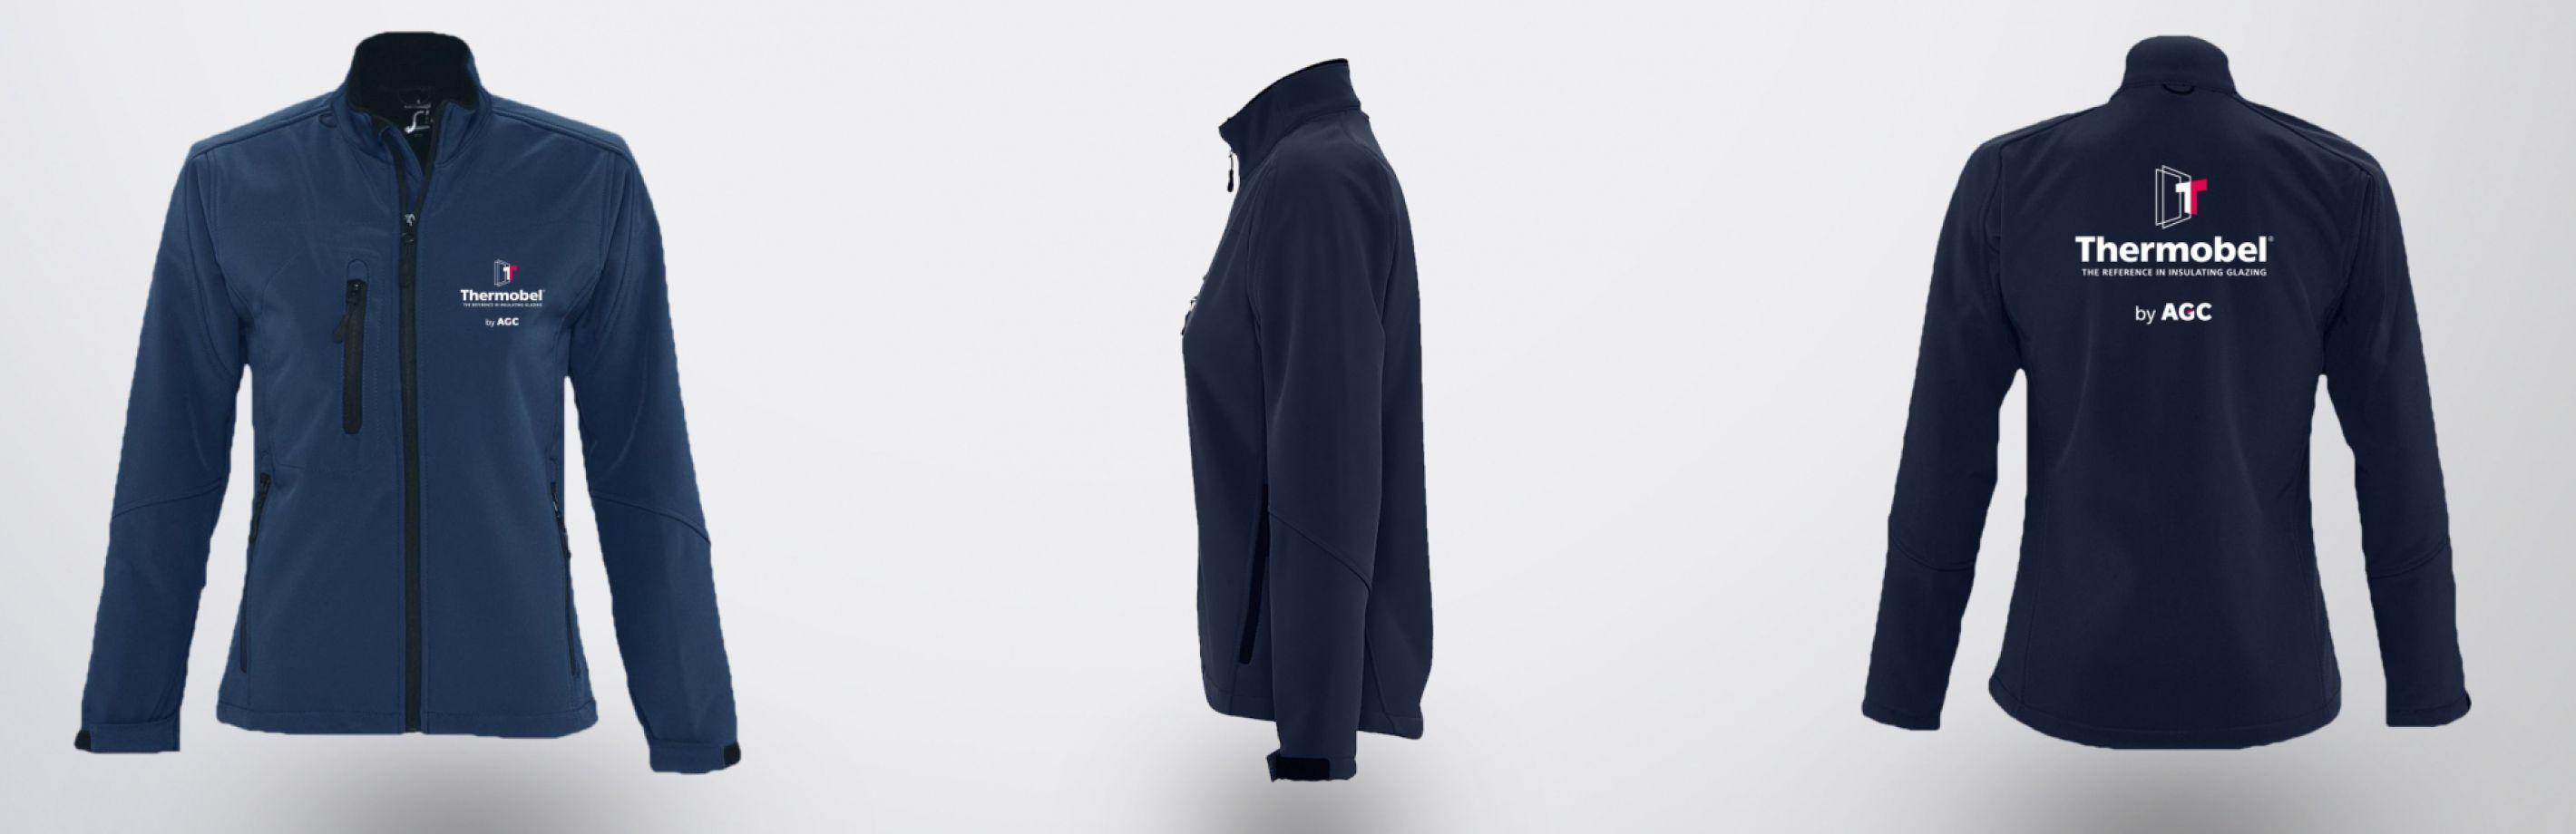 AGC Sweater